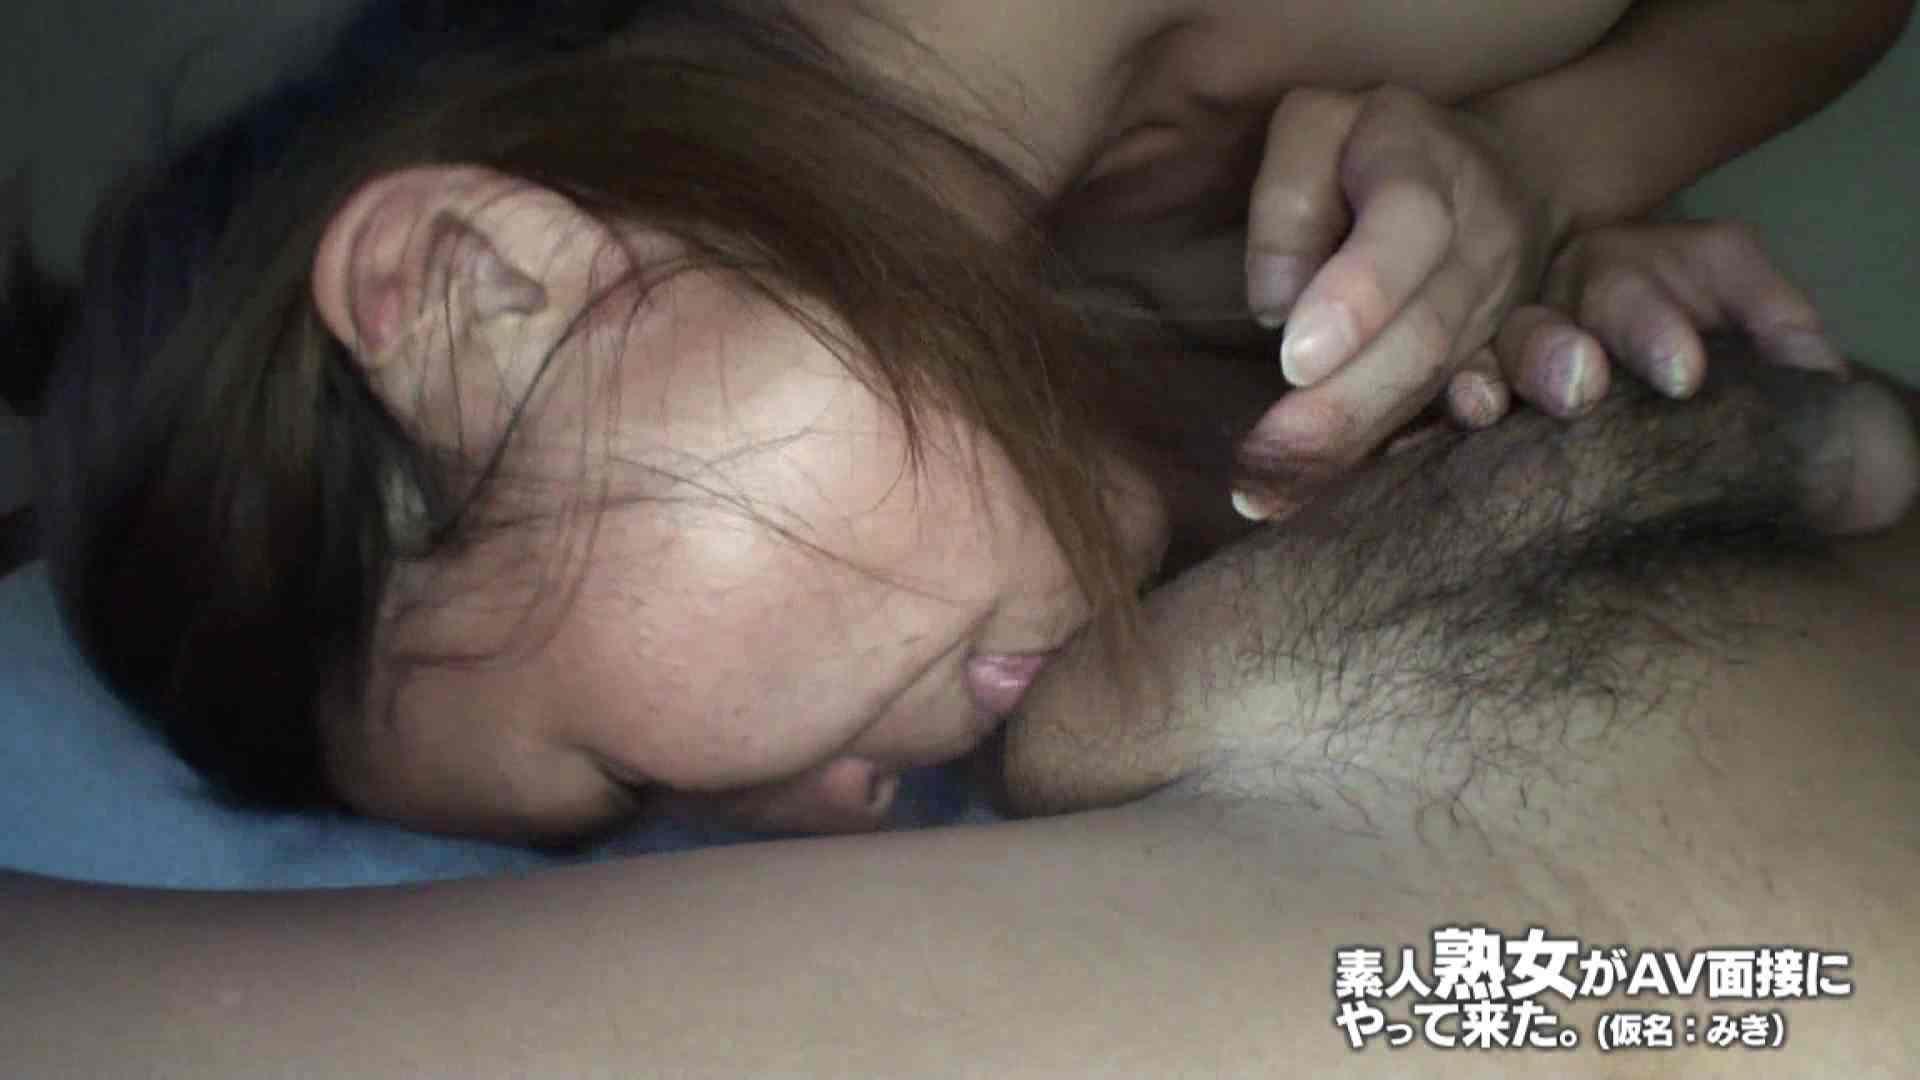 素人熟女がAV面接にやってきた (熟女)みきさんVOL.04(前編) 素人流出動画 盗撮画像 90枚 72